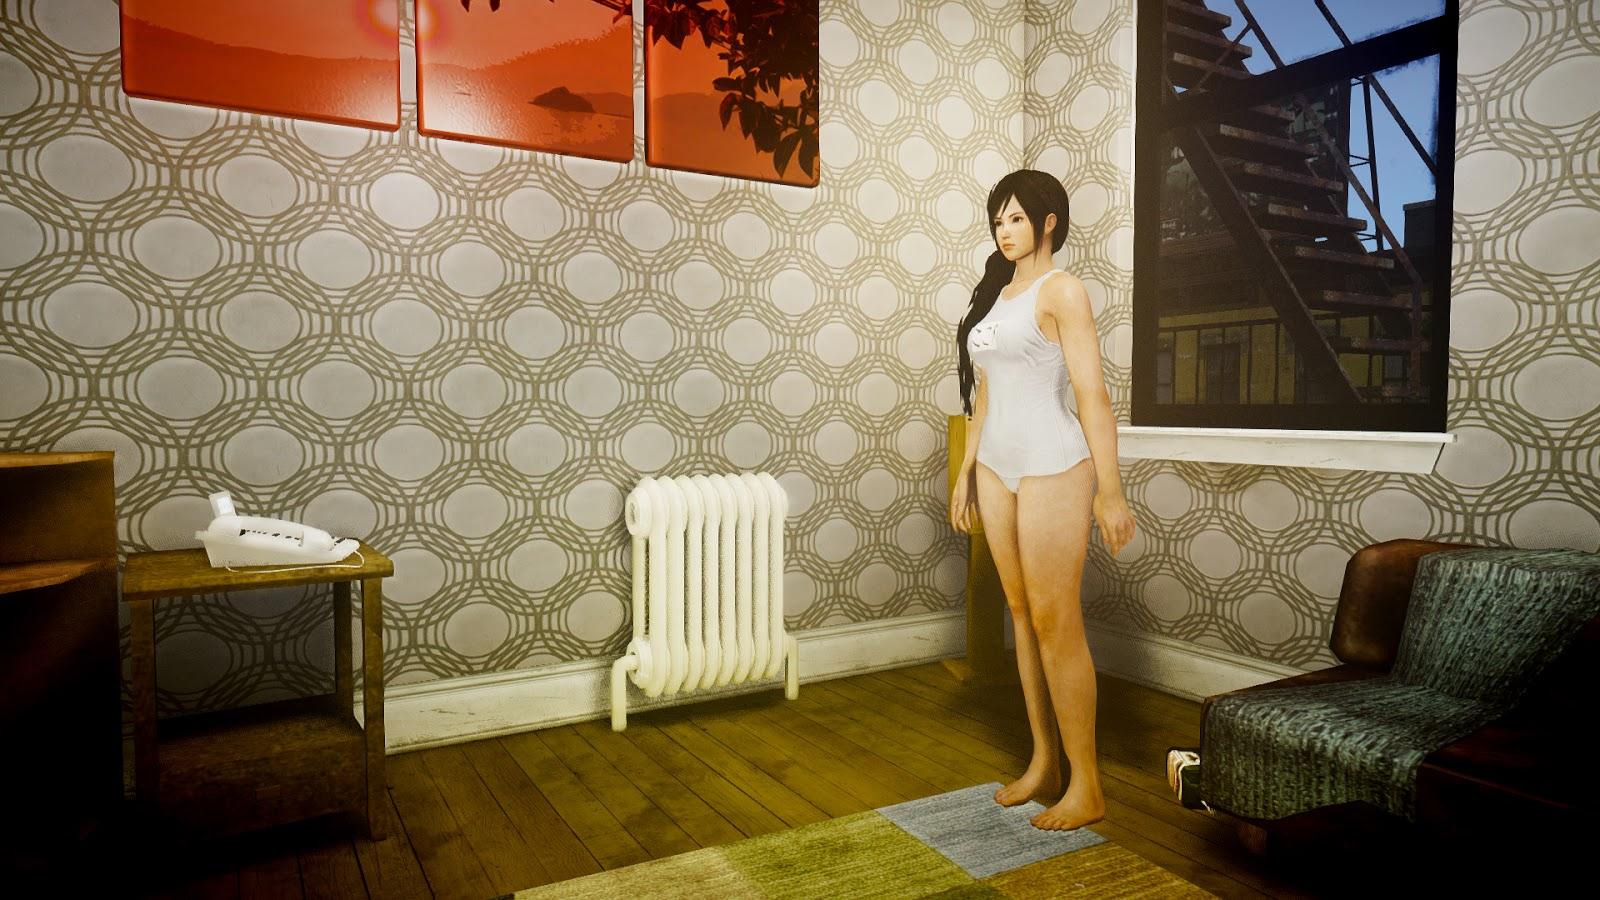 Gta girl nackt hentia photos